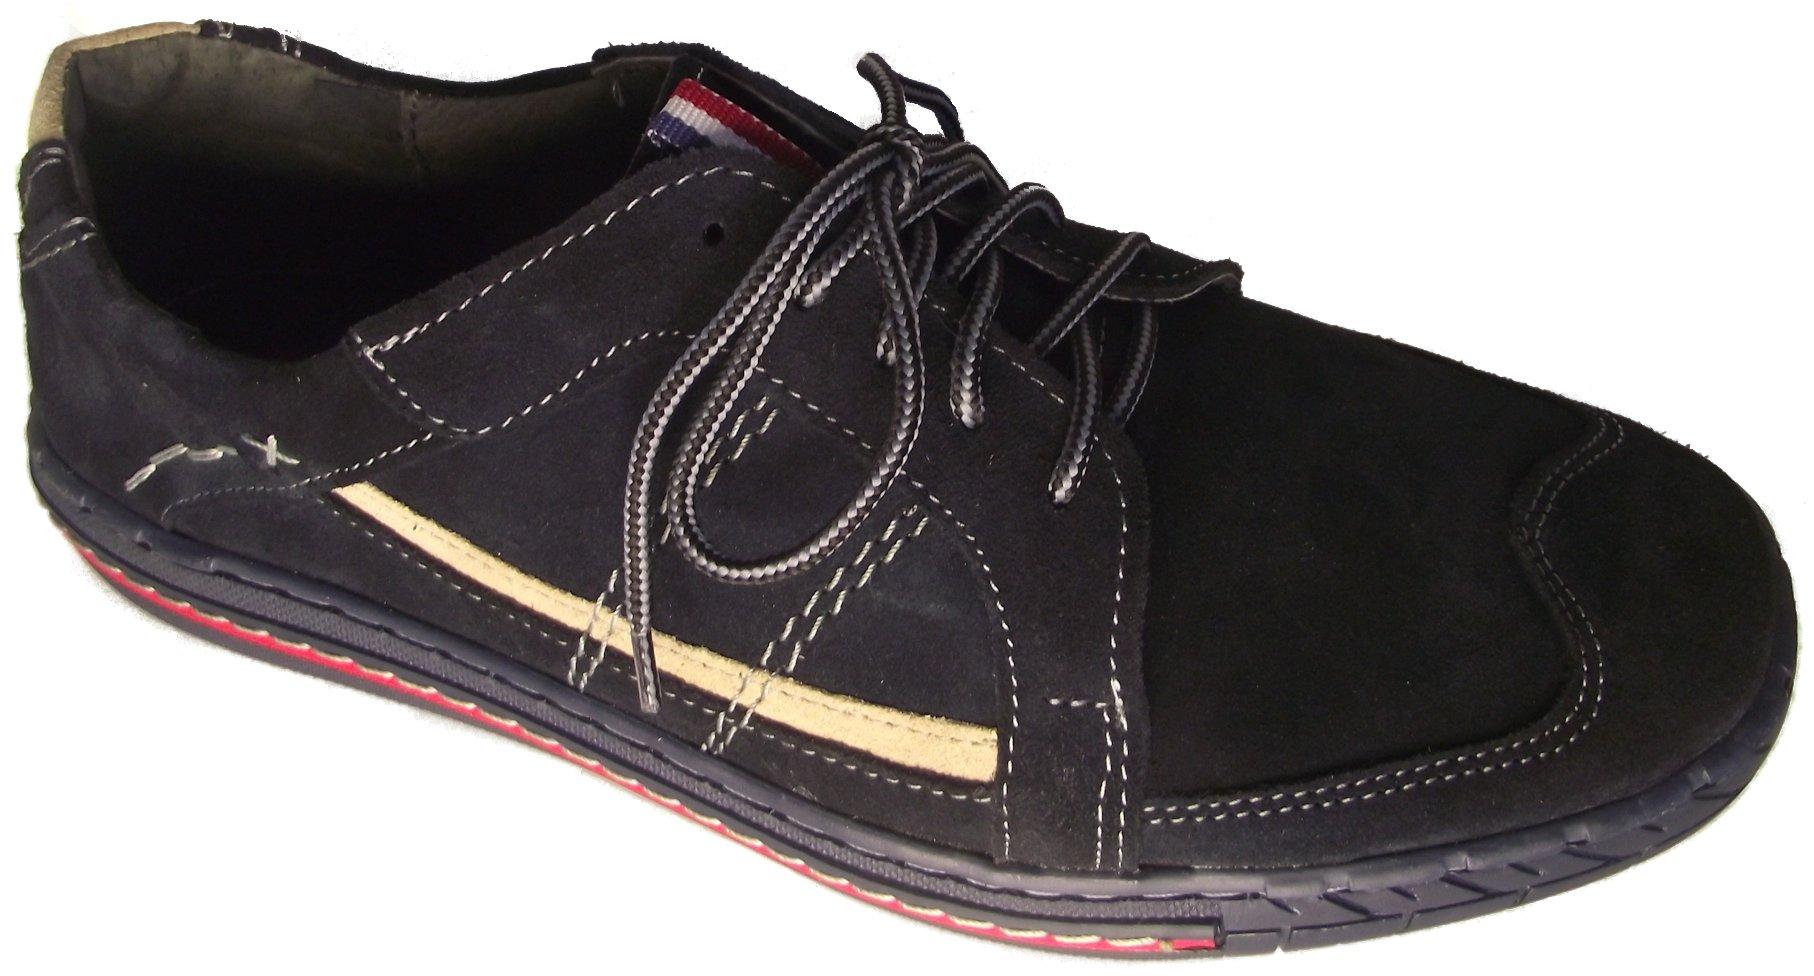 Pánská vycházková obuv NES 4071M Velikost: 41 (EU)